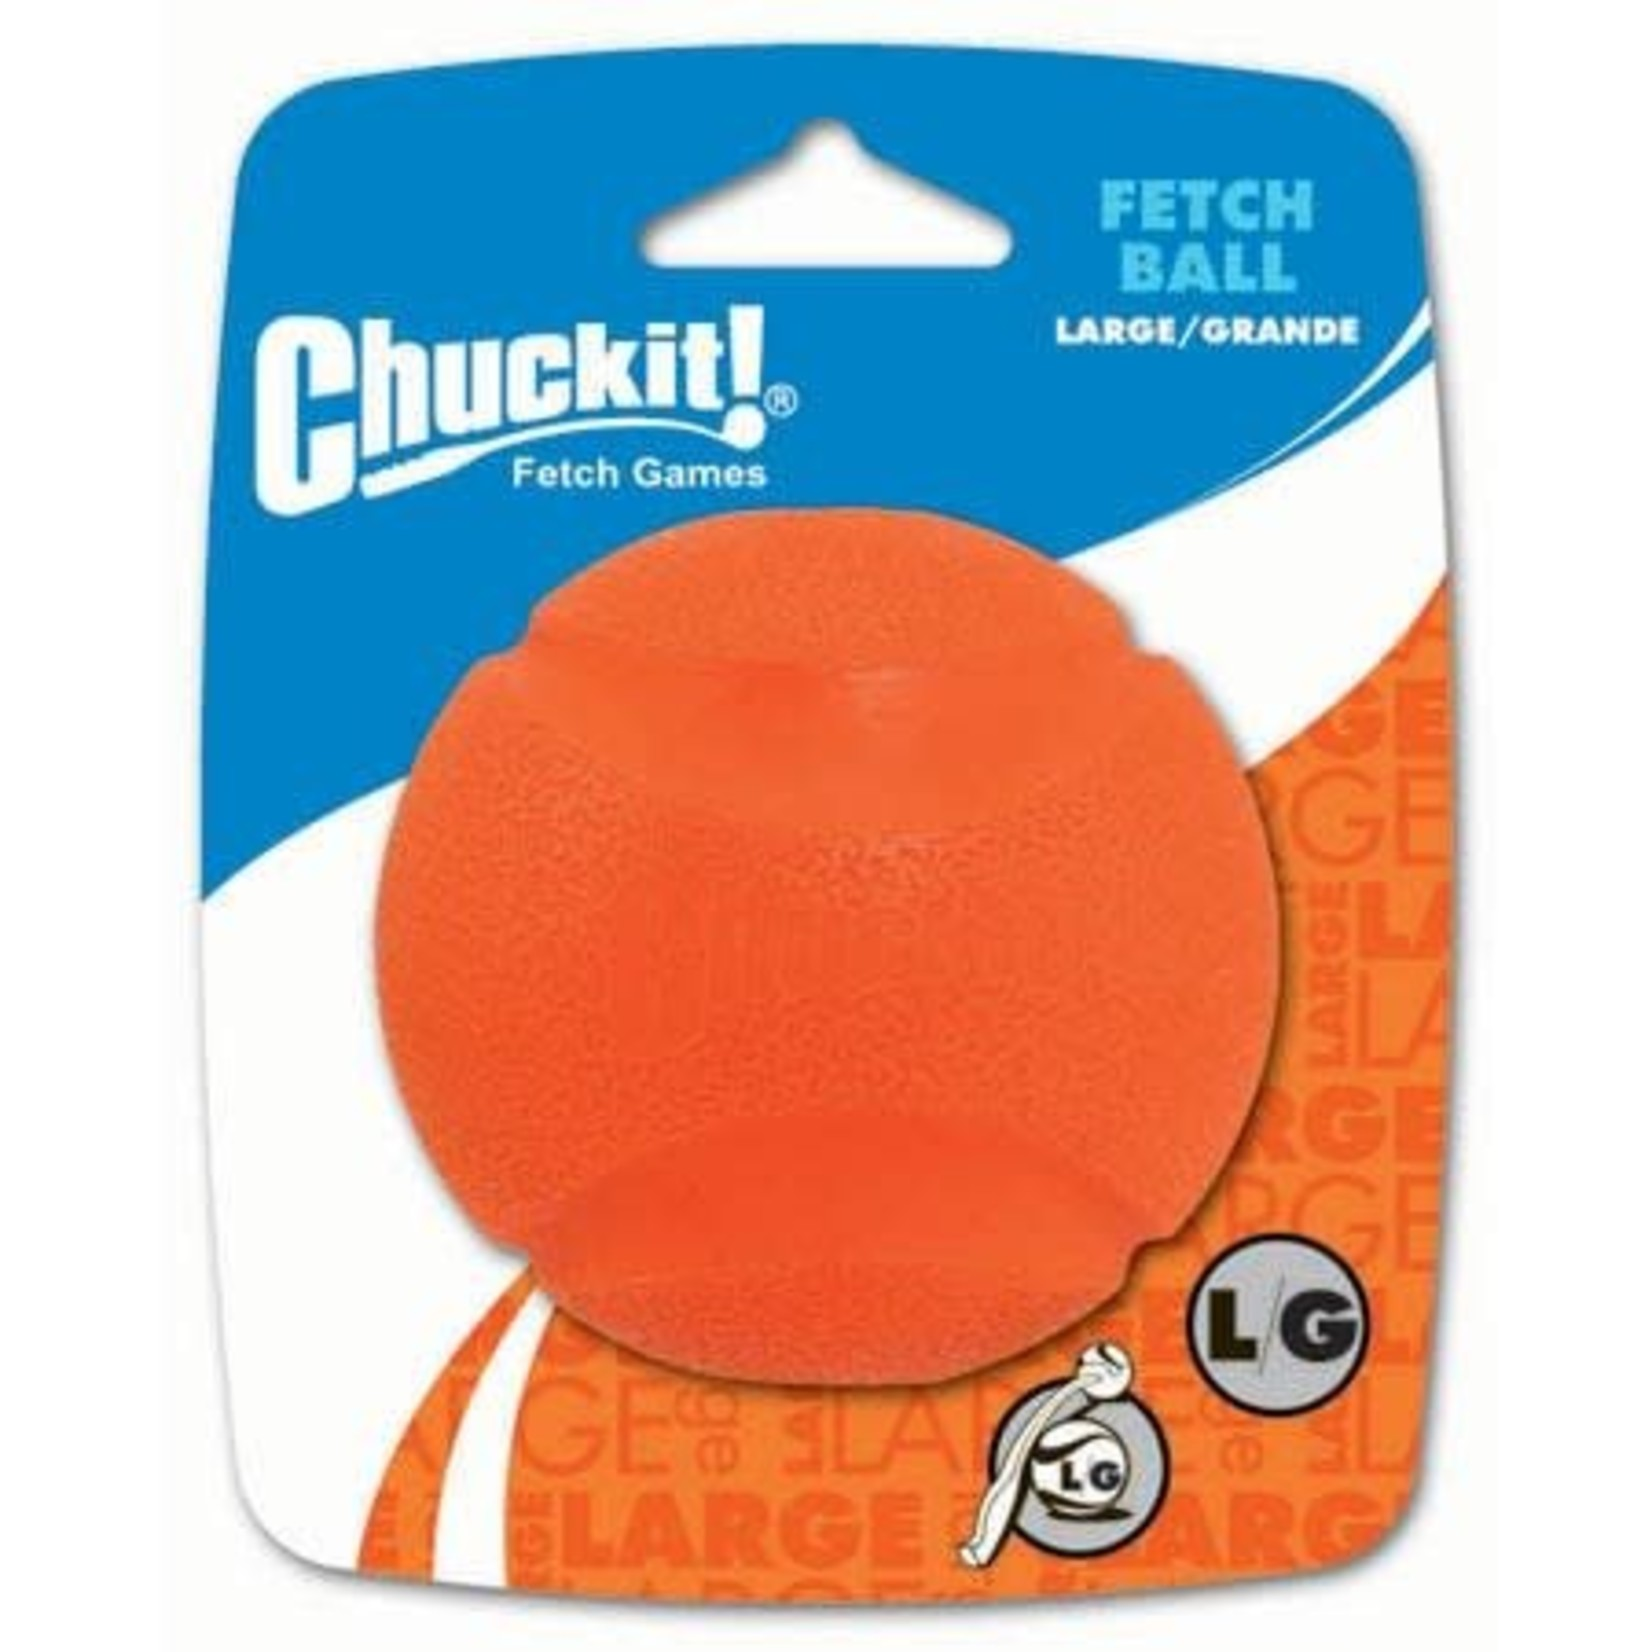 Chuckit! Fetch Ball Lge